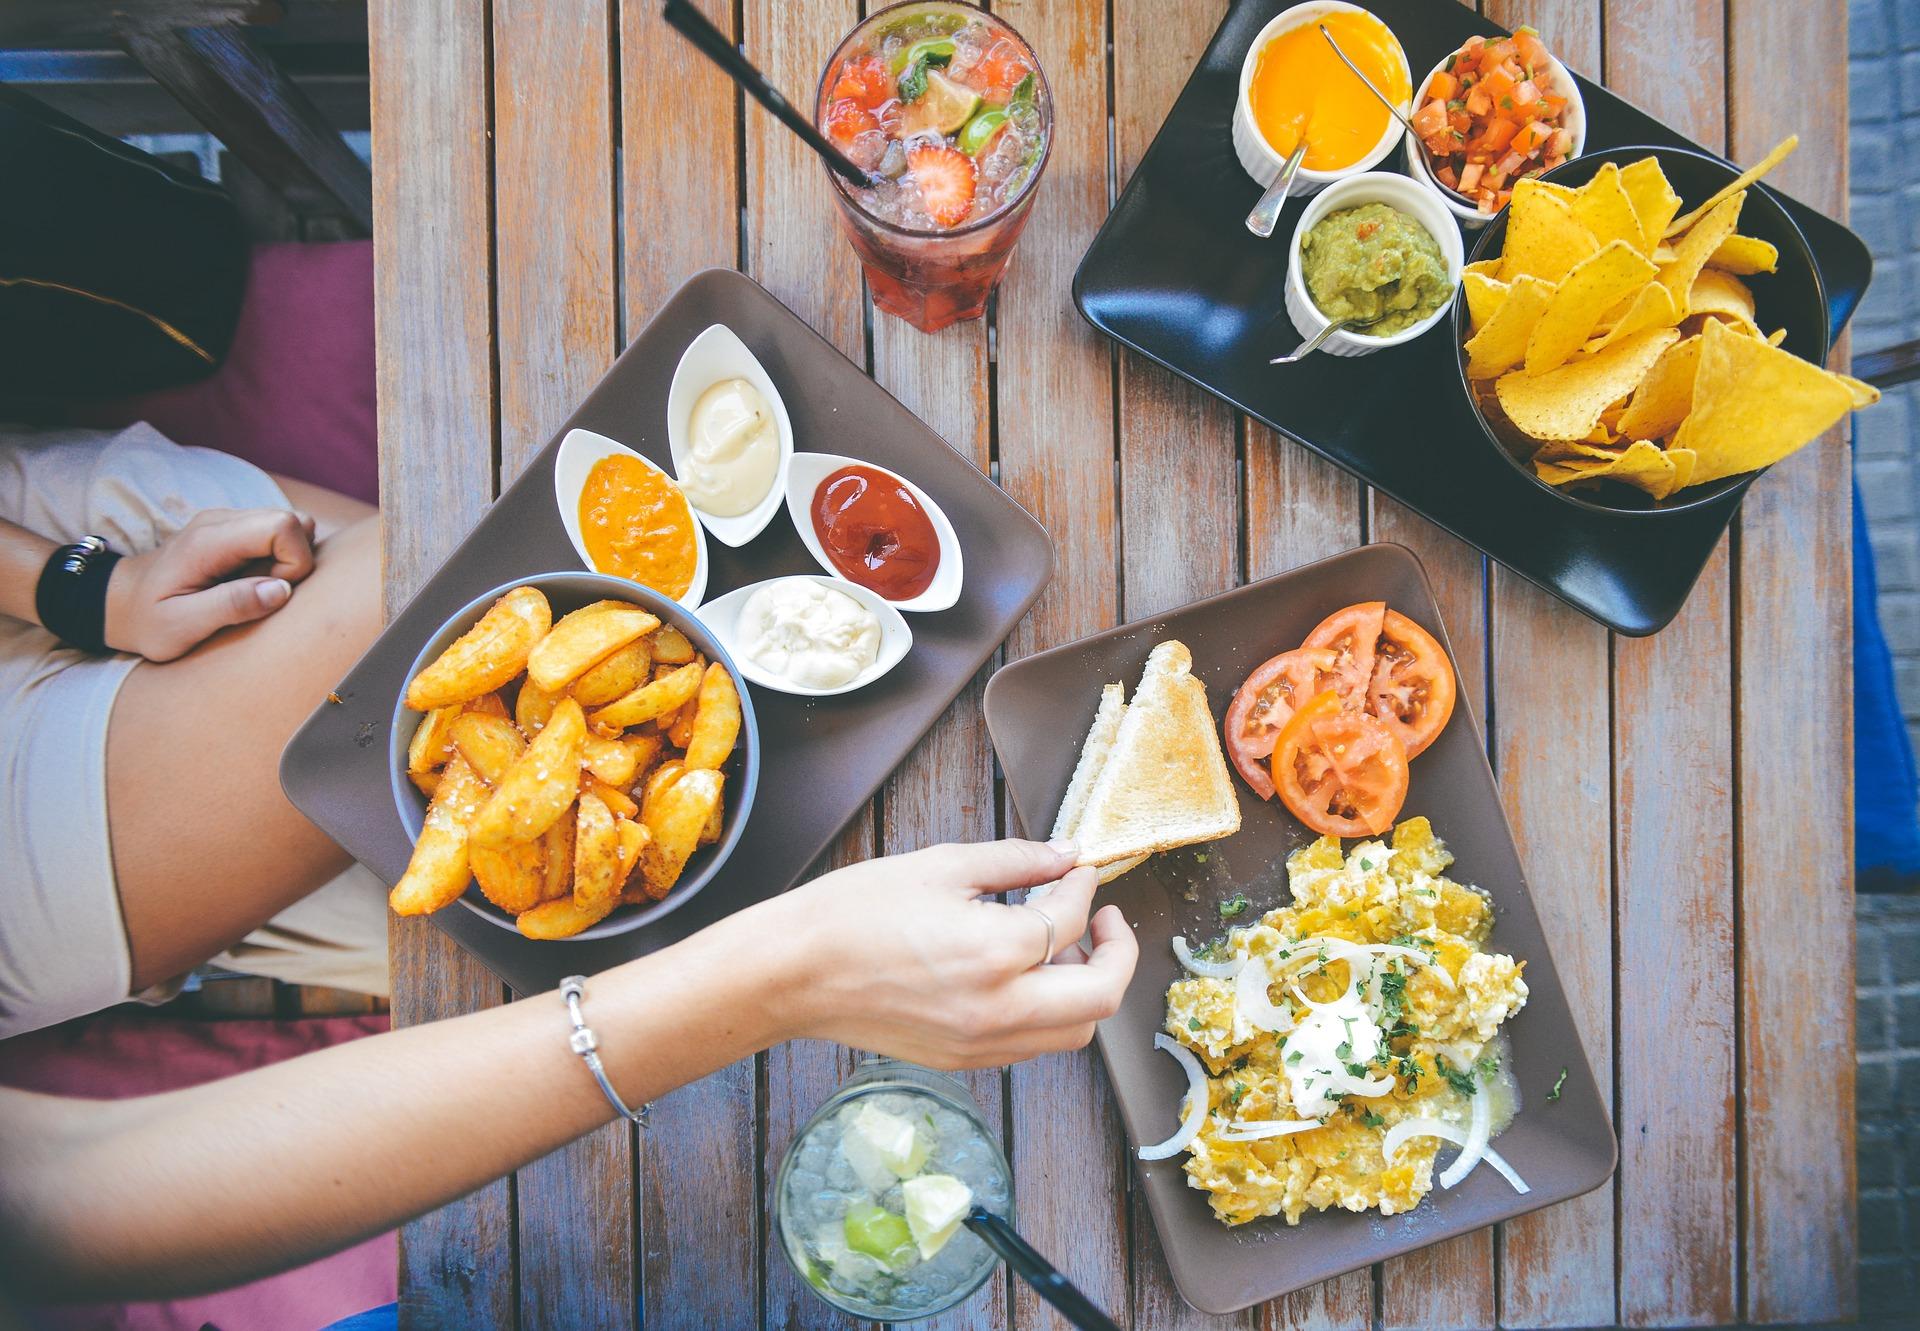 comida, tabela, restaurante, batata, molho, bebidas, saborosa, menu de - Papéis de parede HD - Professor-falken.com